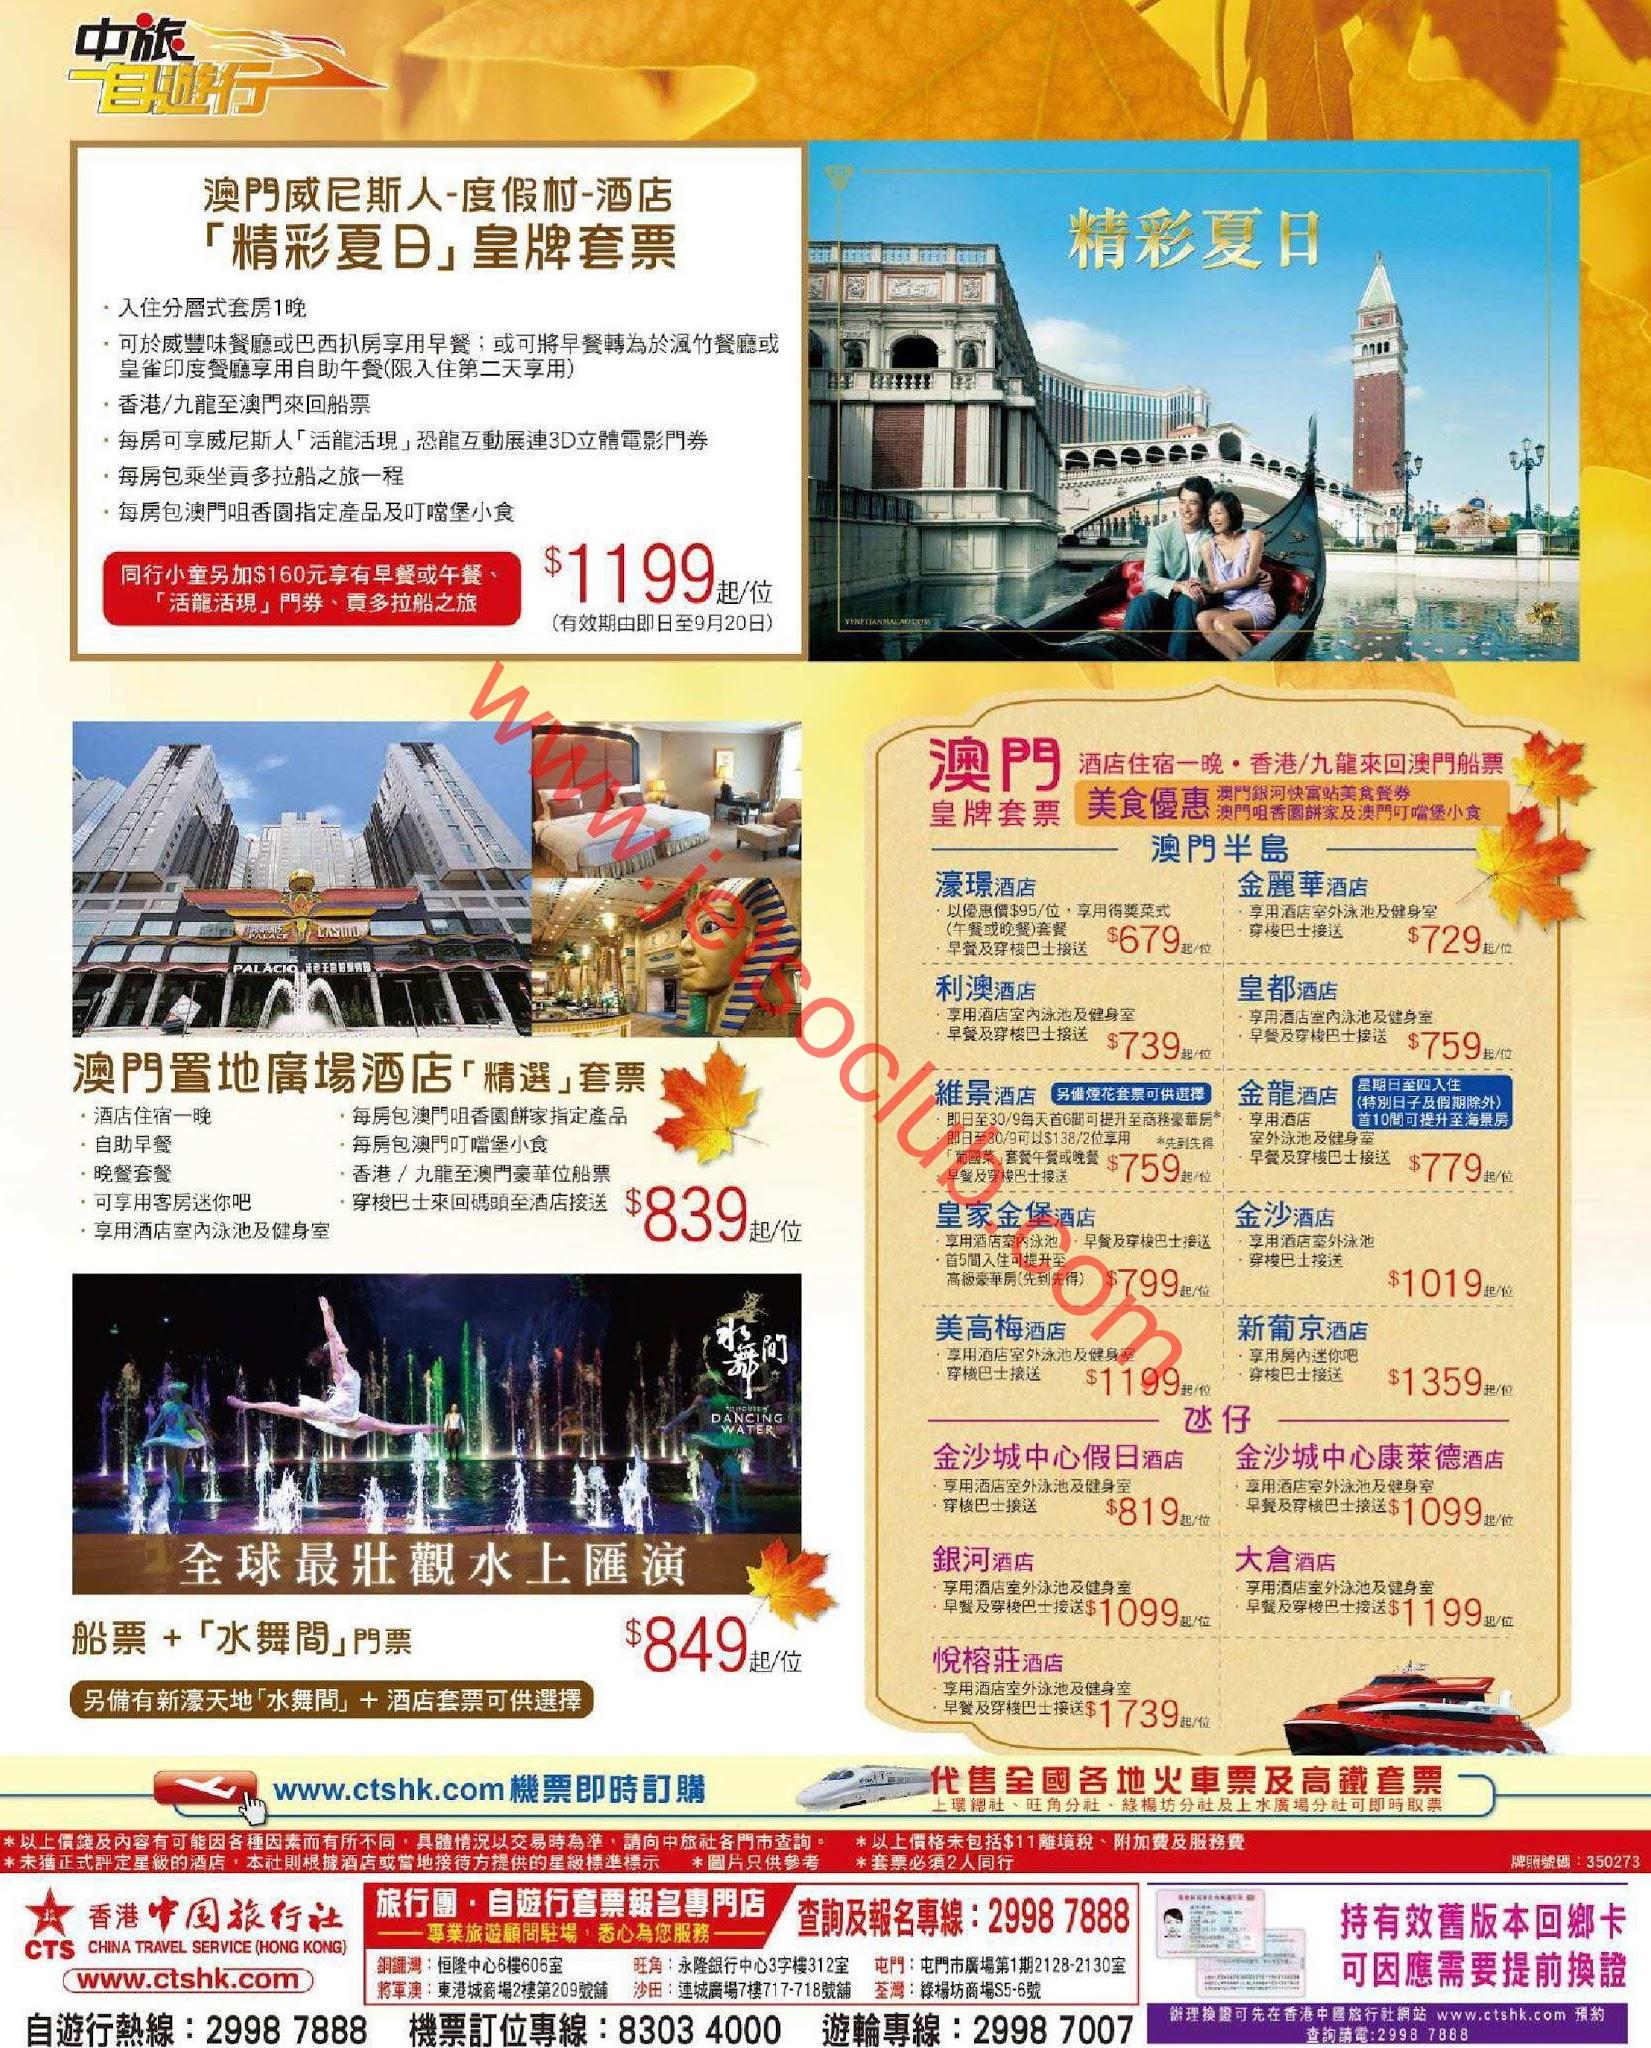 中旅社:澳門自由行套票 酒店+船票 $679起(至31/10) ( Jetso Club 著數俱樂部 )